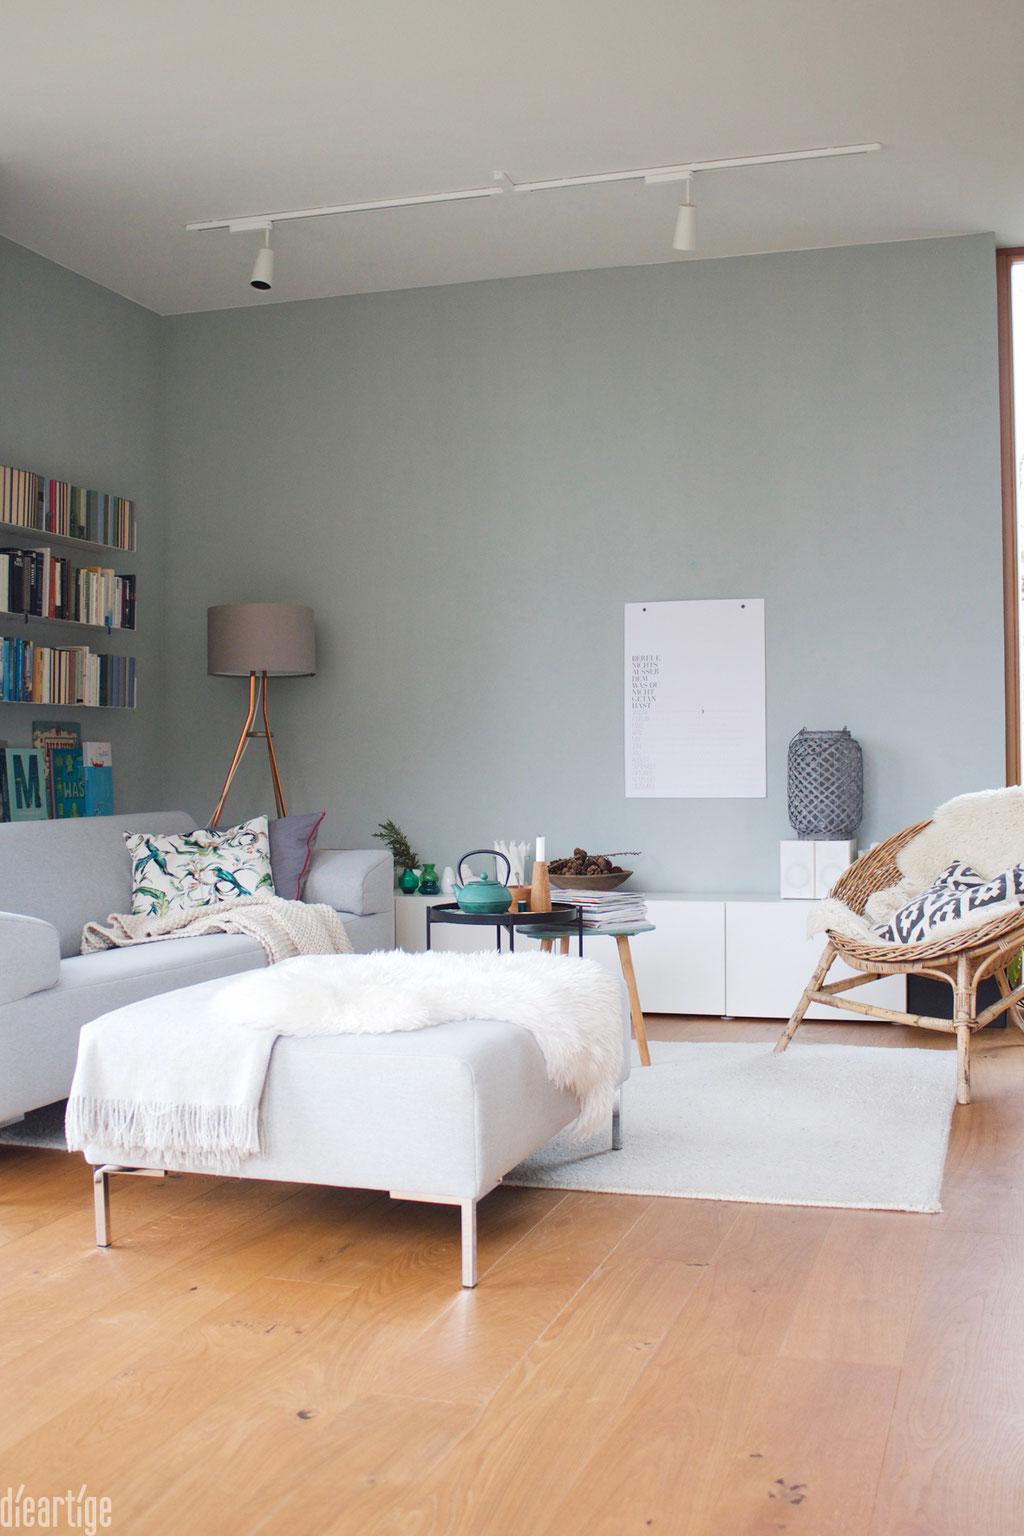 dieartige - Wohnzimmer in Salbei und Naturtönen